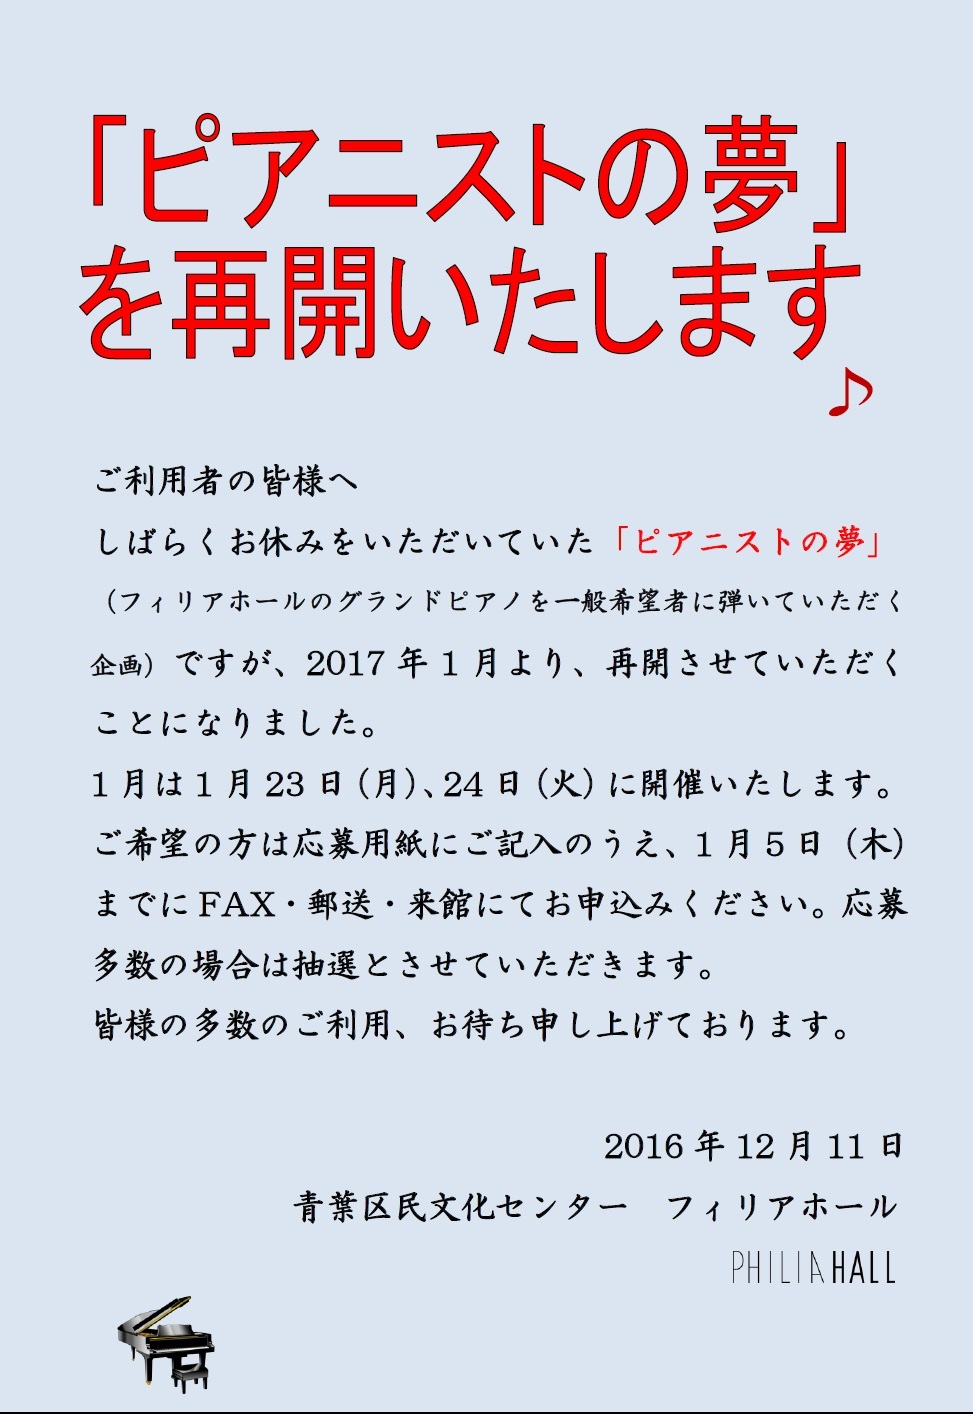 【募集】ピアニストの夢